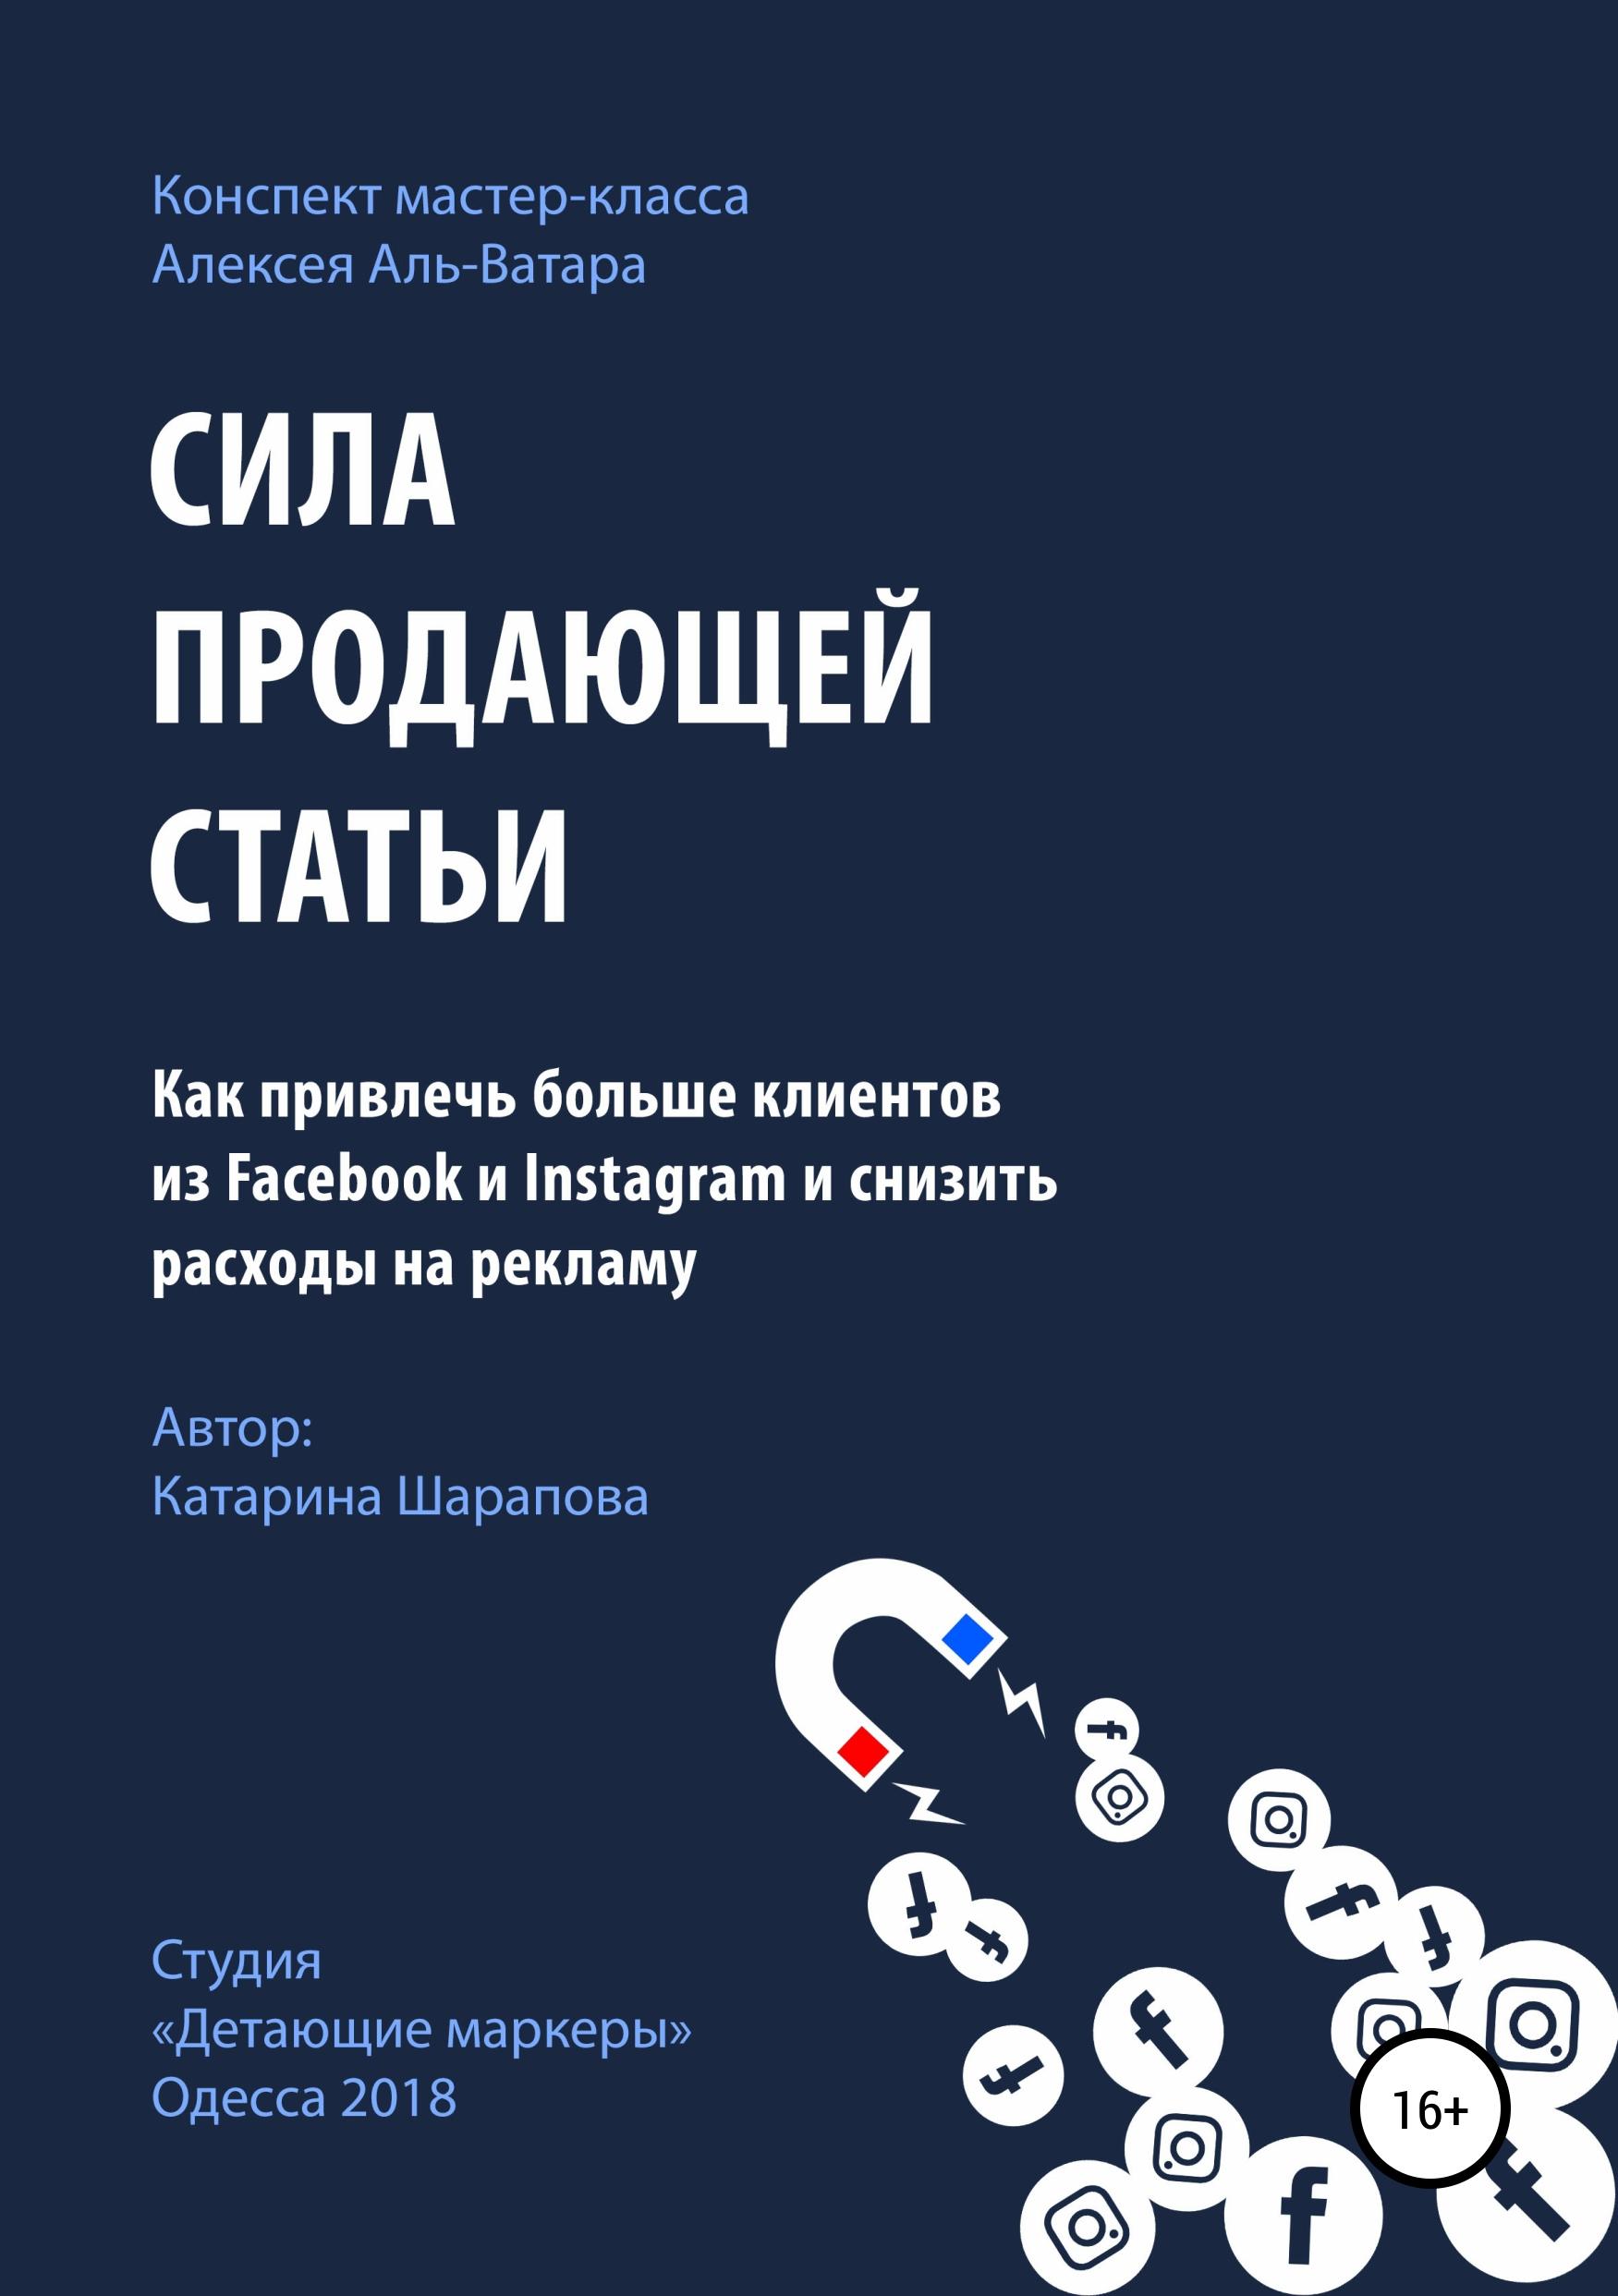 Обложка книги. Автор - Катарина Шарапова